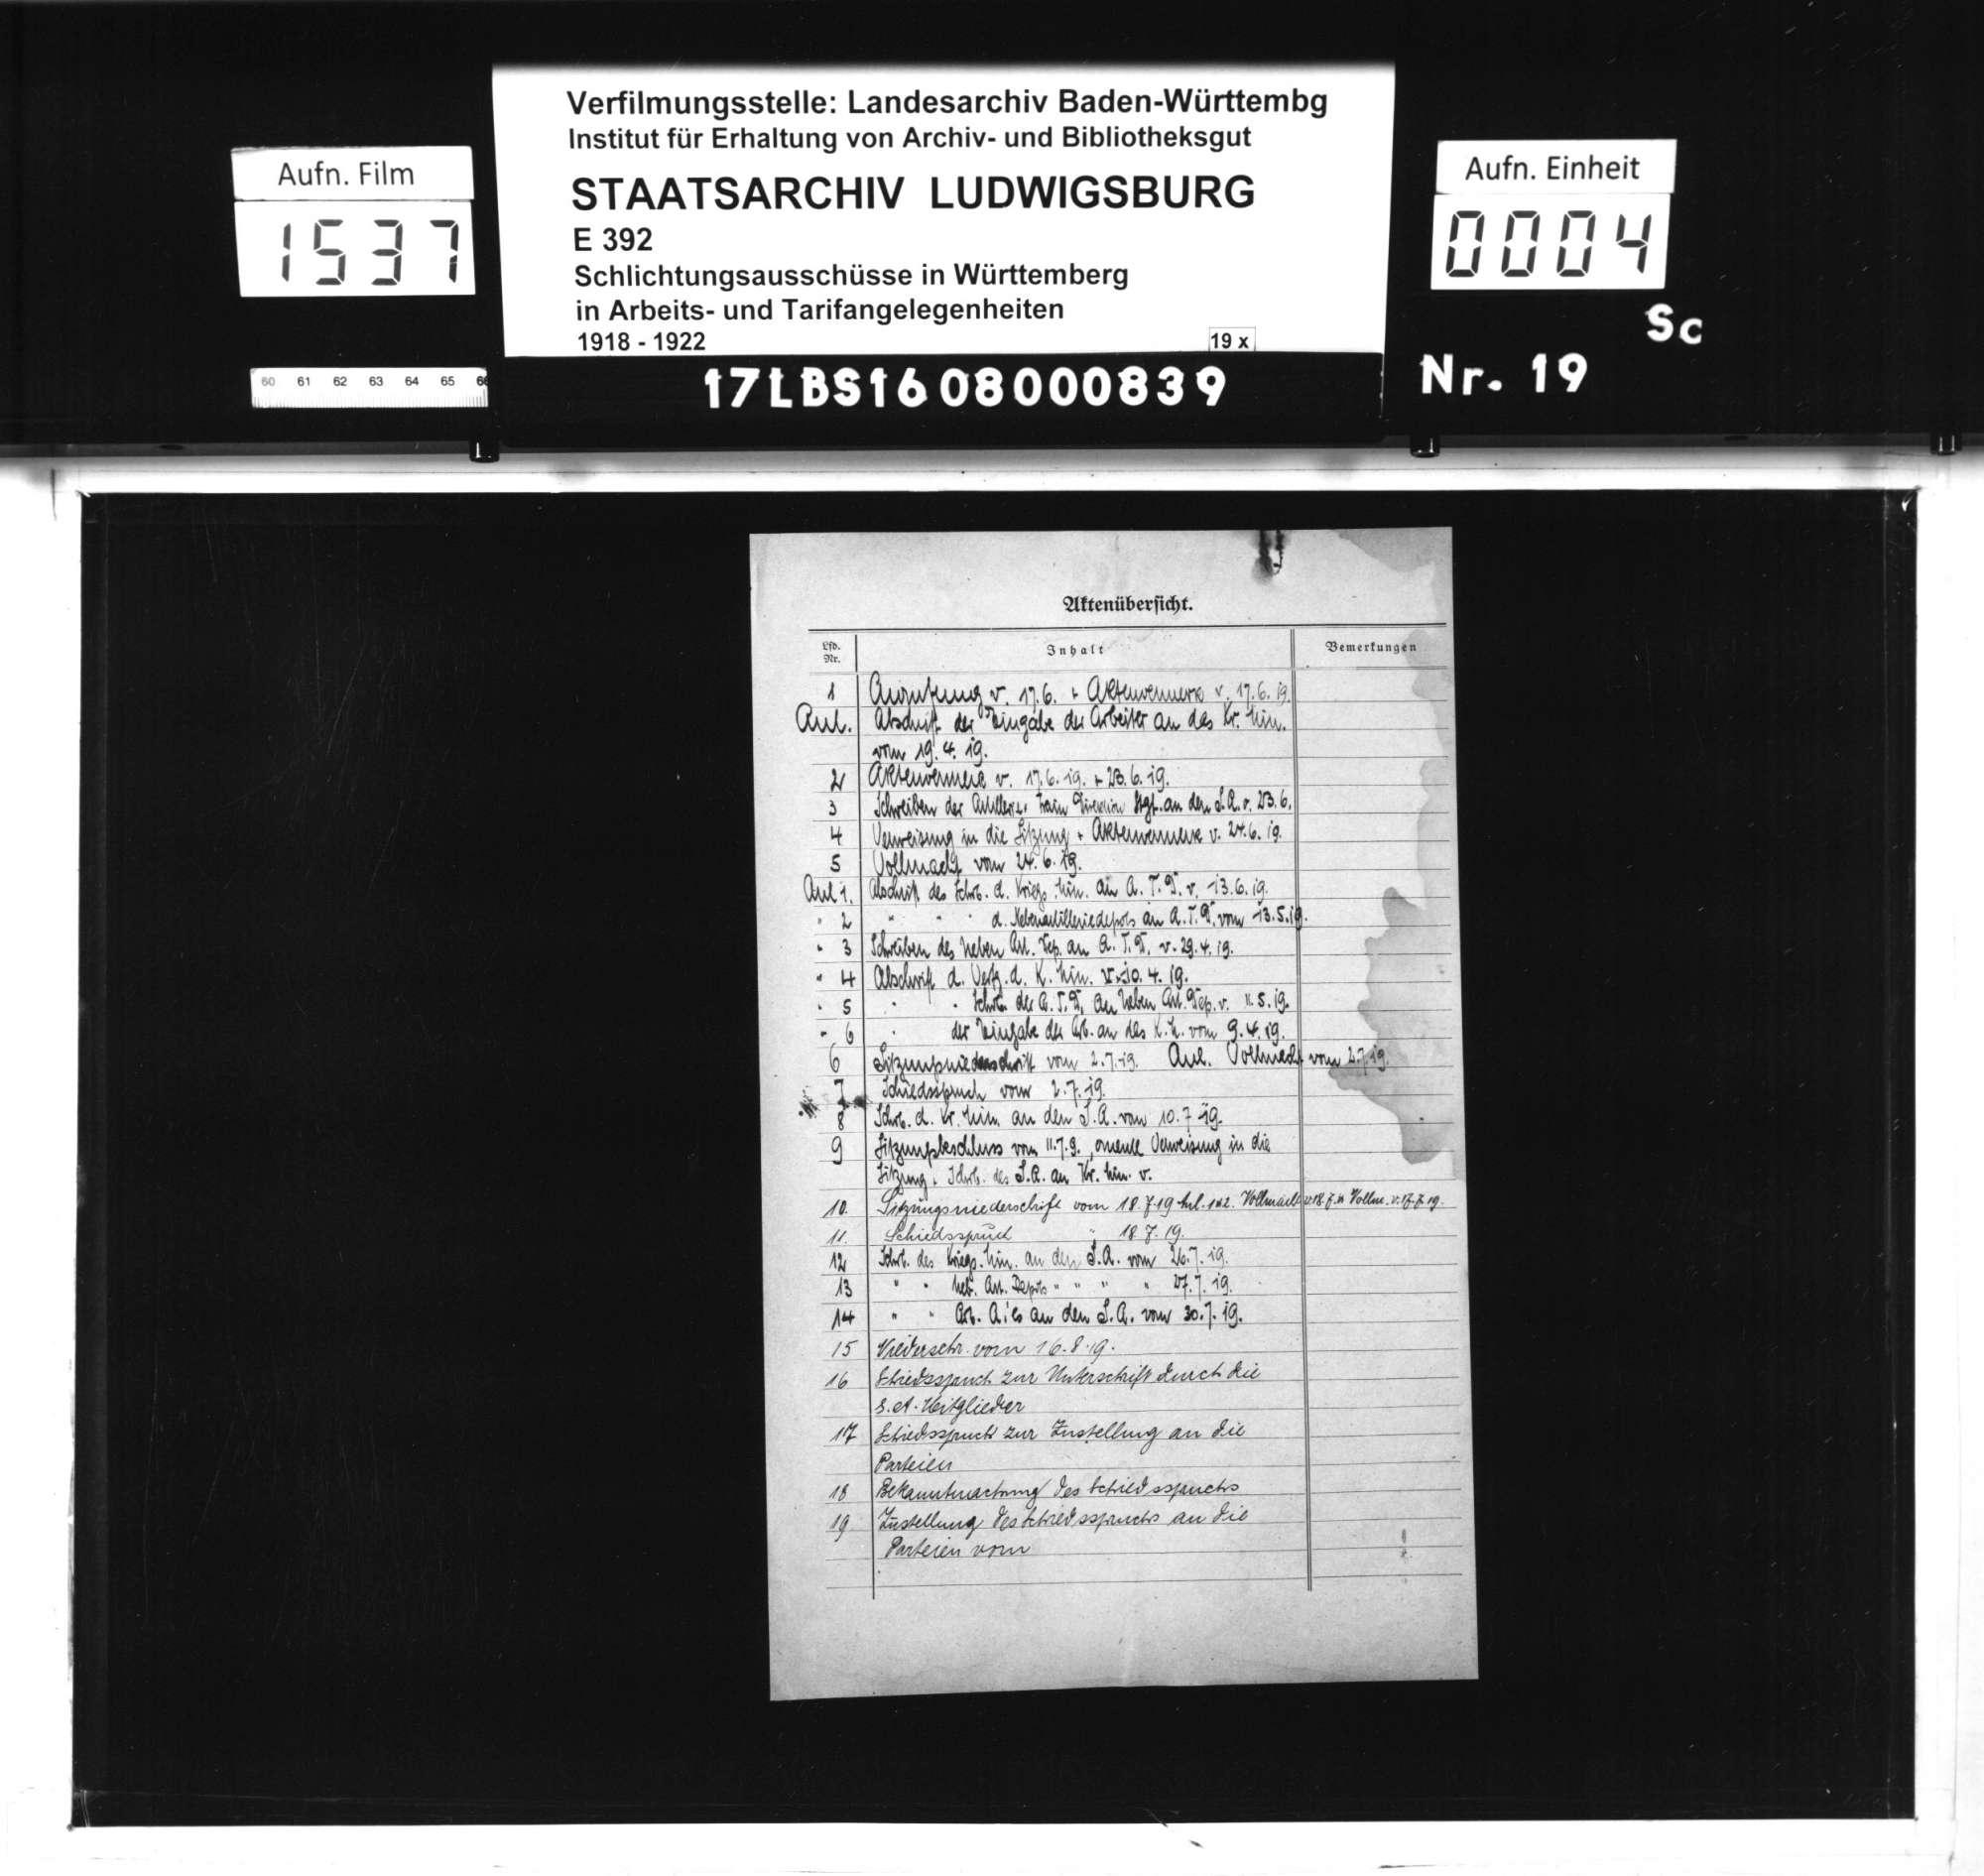 Arbeitsstreitigkeiten zwischen der Arbeiterschaft des Neben-Artilleriedepots Stuttgart Wangen und der Artillerie- und Traindepot-Direktion Stuttgart bzw. dem württembergischen Kriegsministerium wegen ausgebliebener Lohnfortzahlung während des Generalstreiks vom 31. März bis 7. April 1919, Bild 2